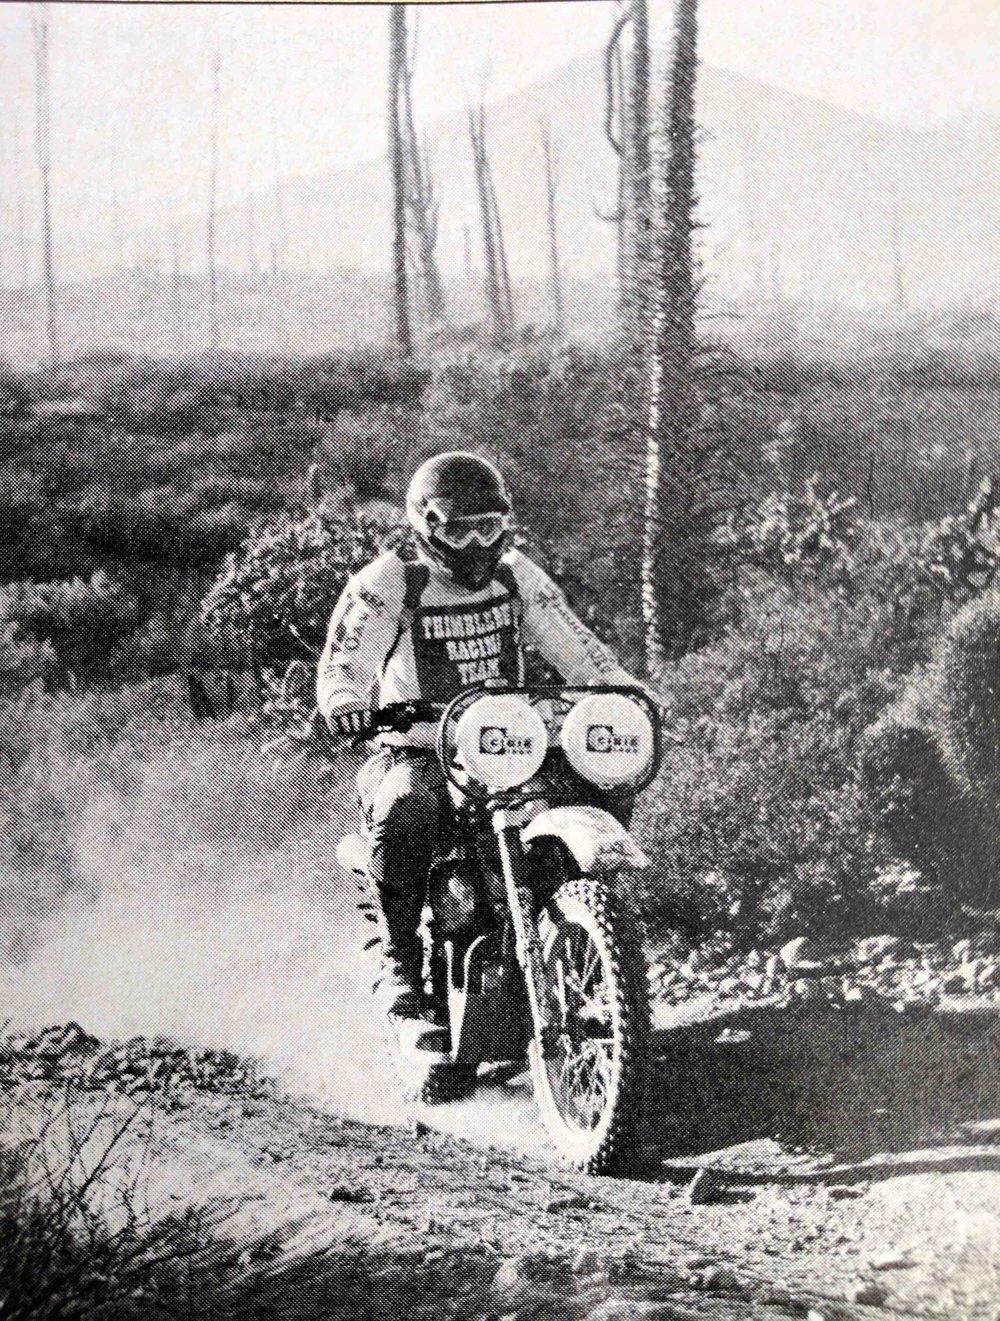 Baja100_Harley_Comet_1987